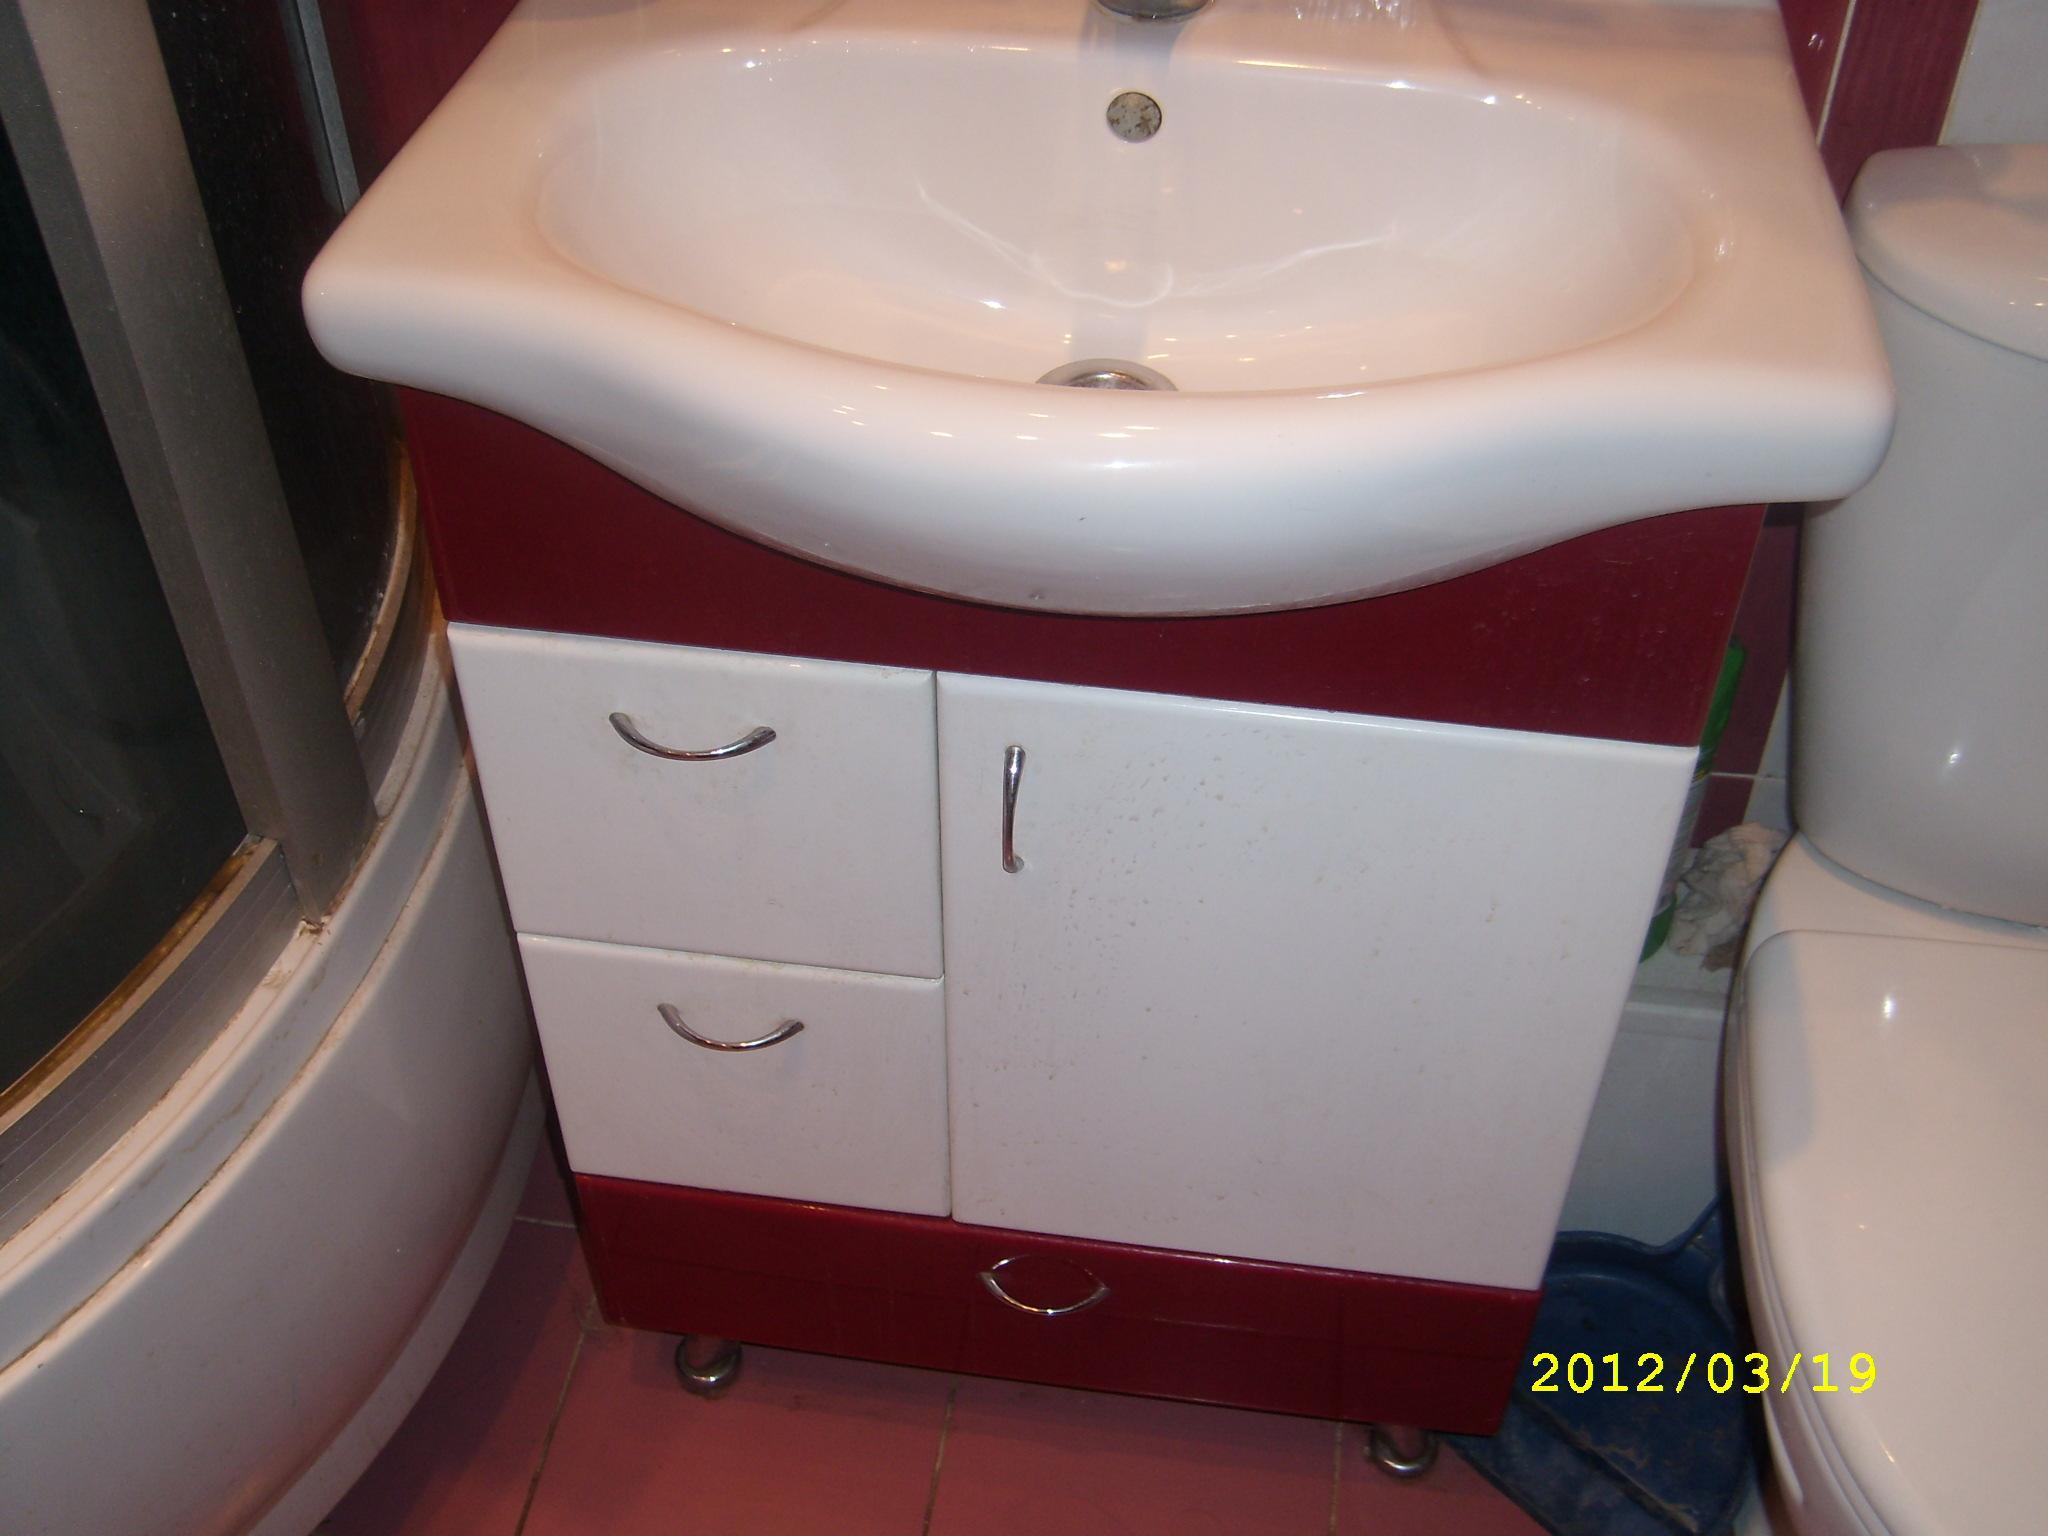 Varieties of Curbstones With Bathroom Sink